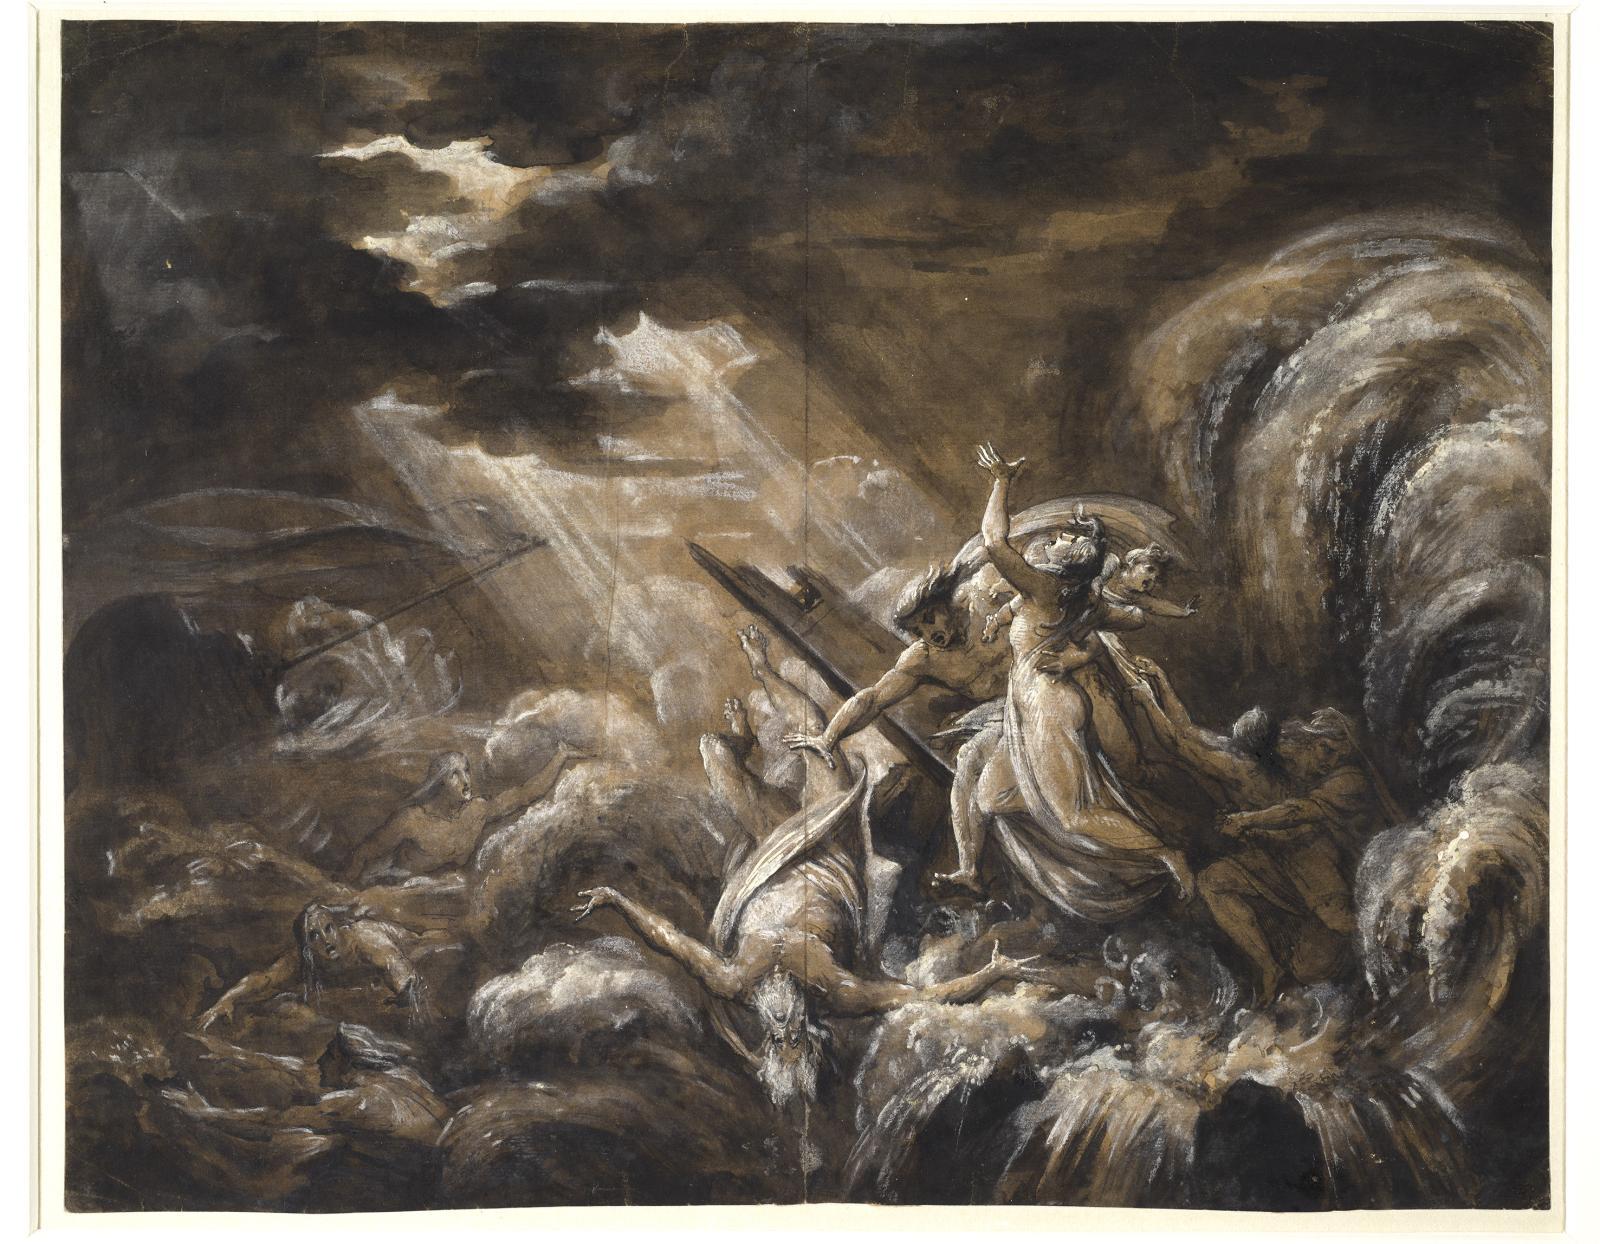 Le Naufrage, 1815, crayon graphite, plume, encre et lavis d'encre métallogallique, lavis et rehauts de gouache blanche, rehauts de gomme a